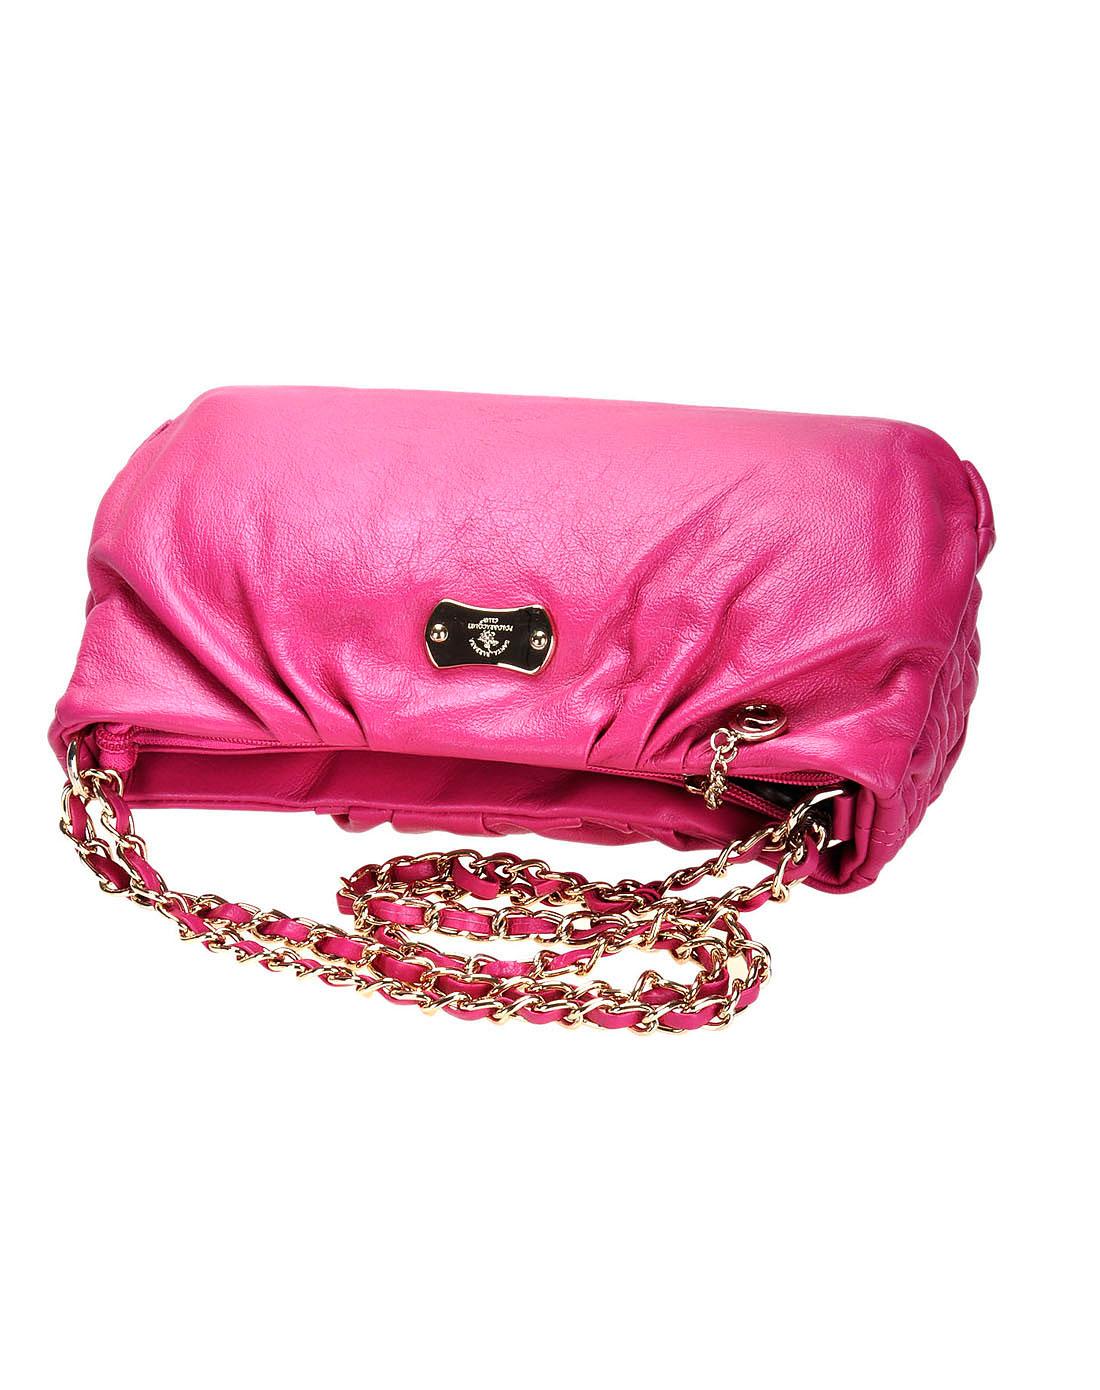 圣大保罗女包紫红色牛皮手提包wb11104-029